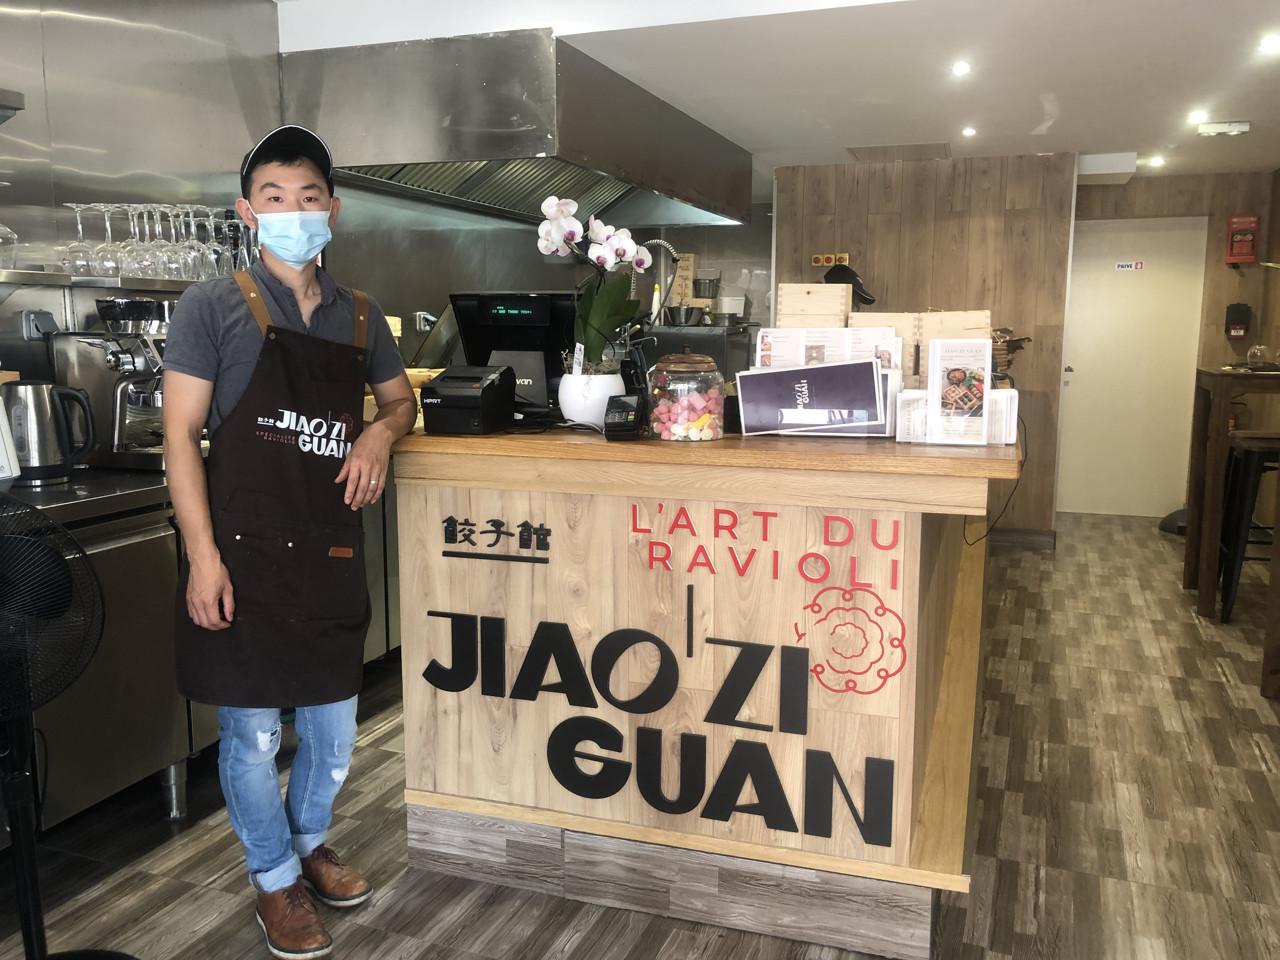 Jiozi Guan